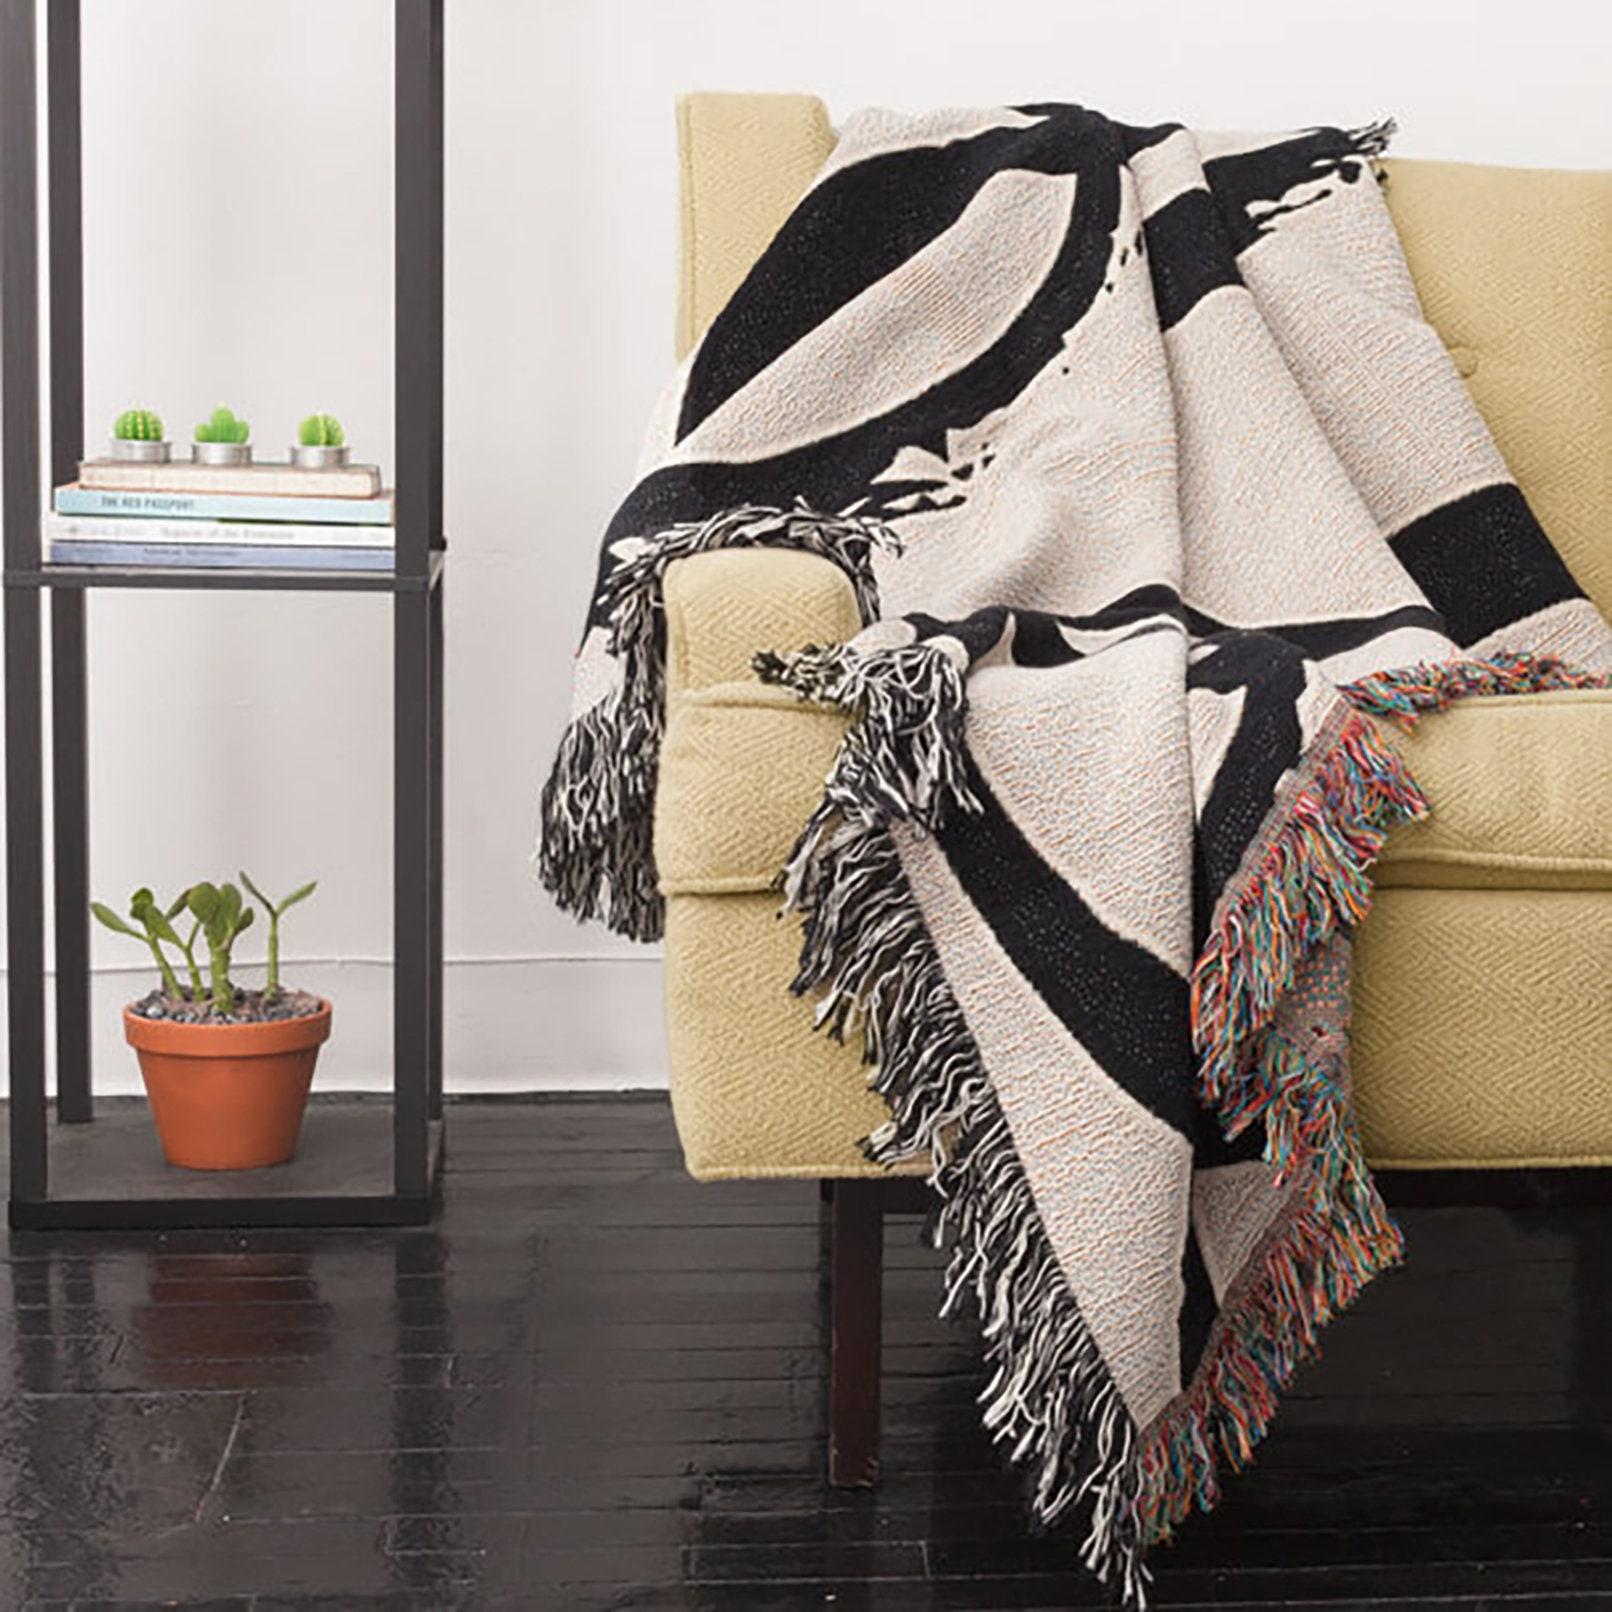 Gewebte Decke Pferde Decke schwarz und weiß werfen Decke